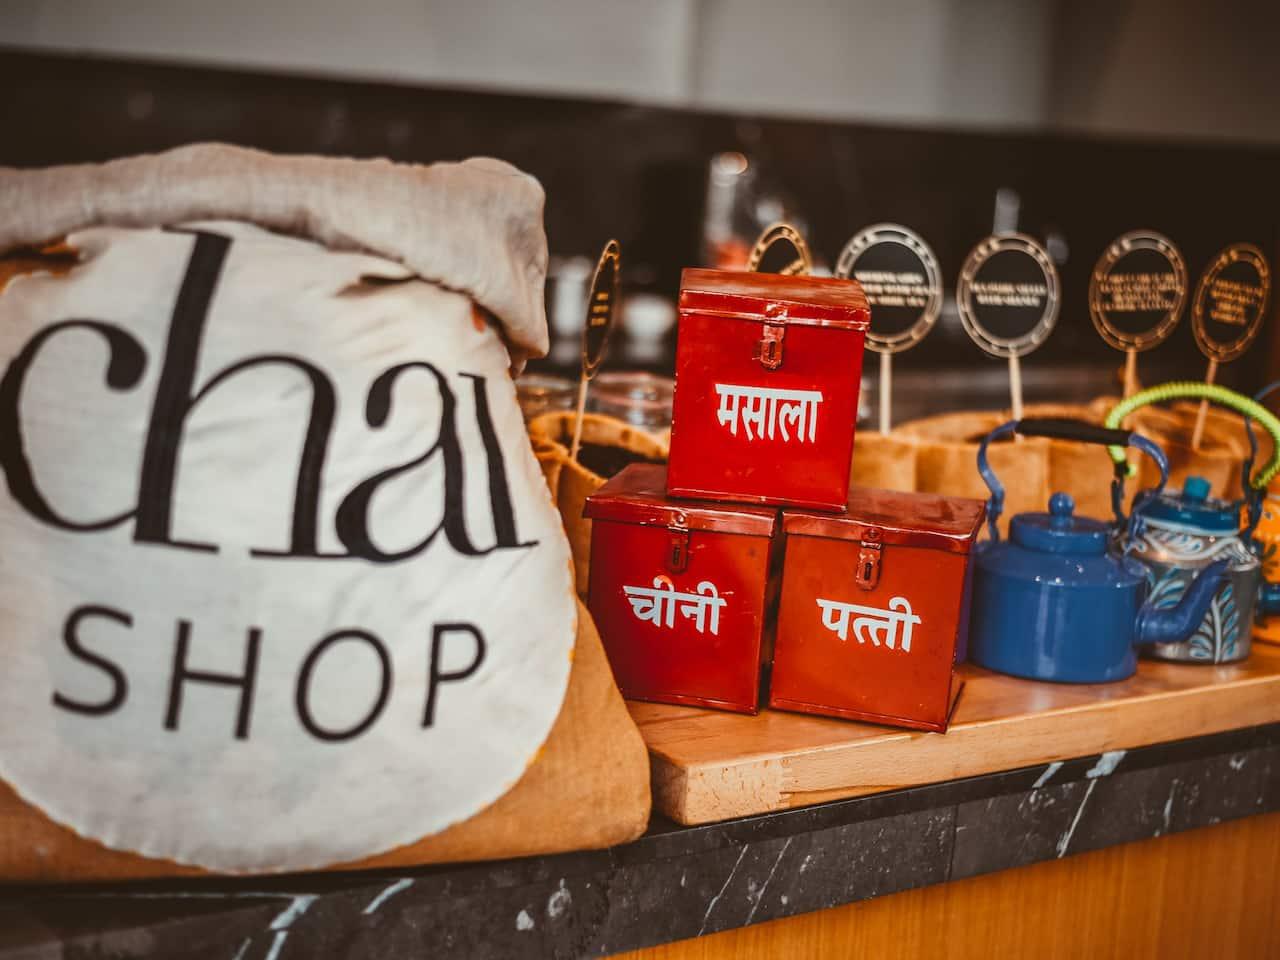 Chai Shop